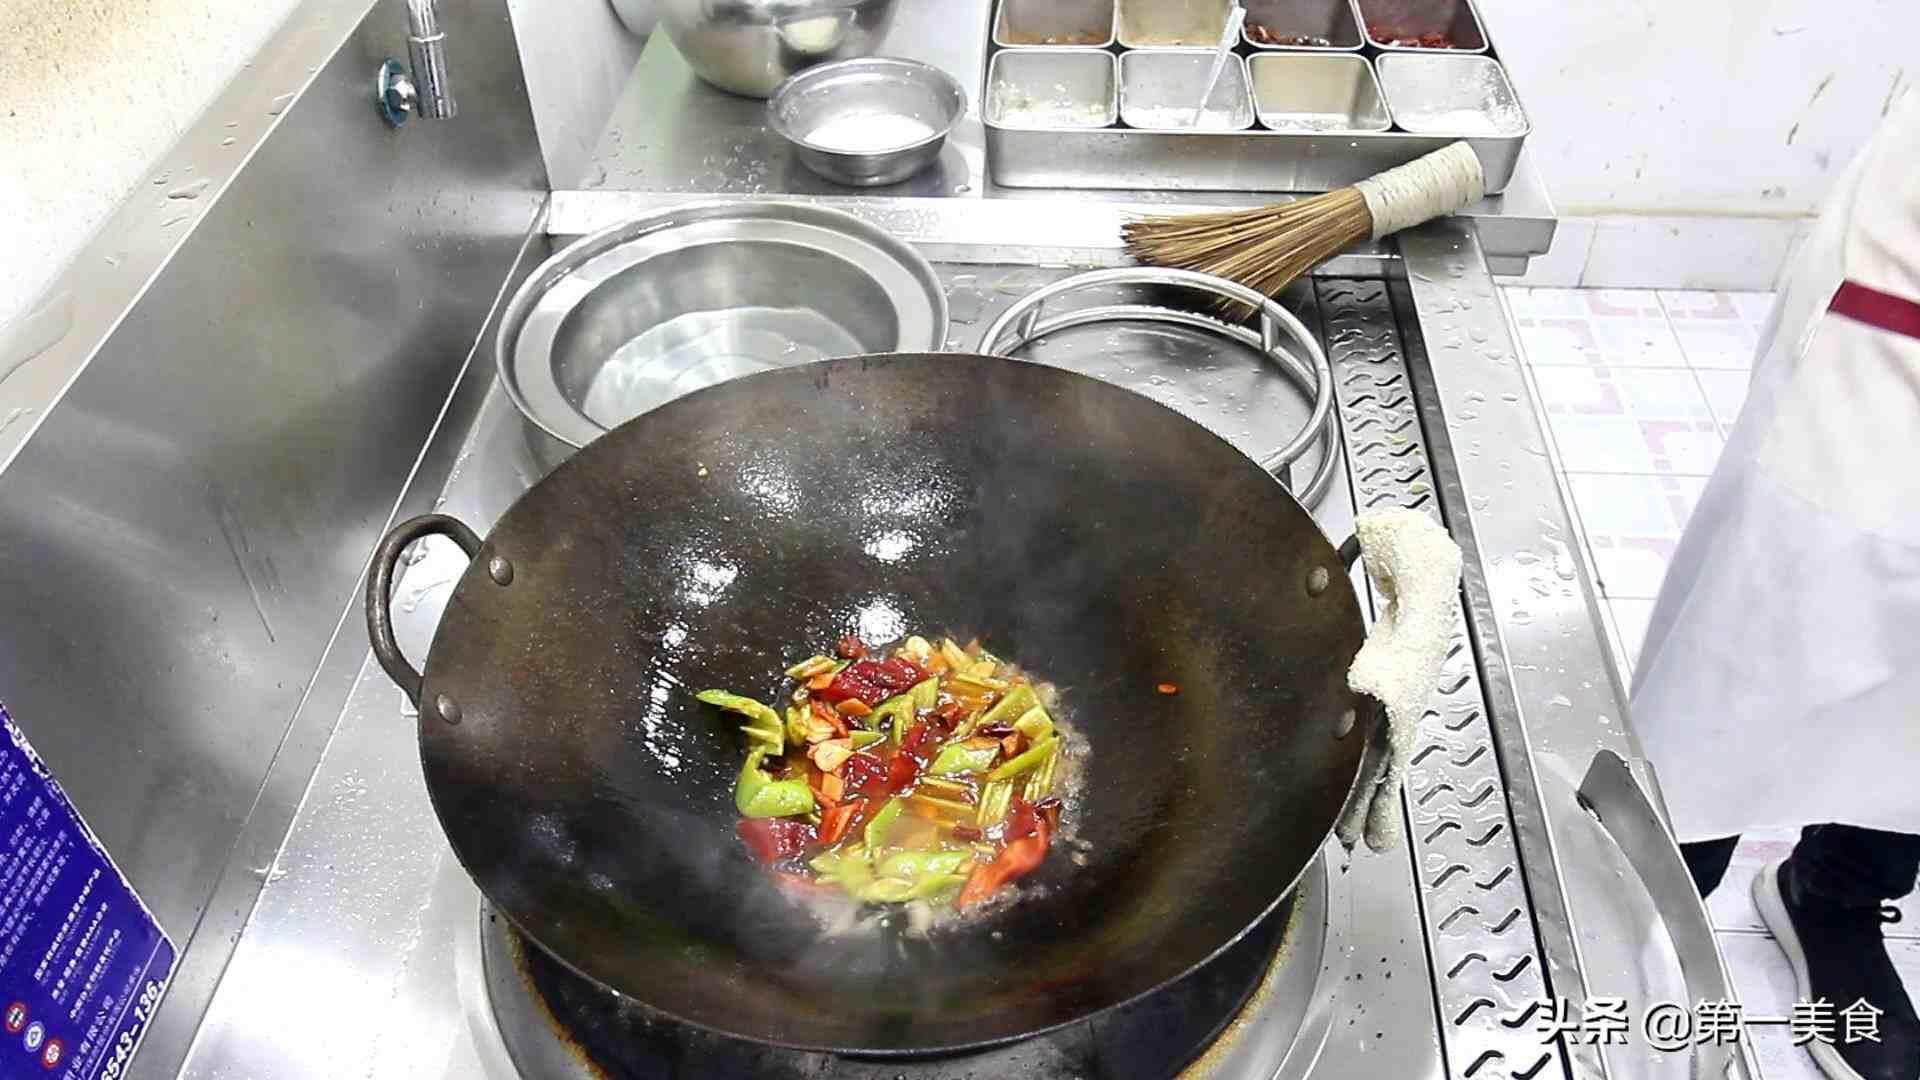 厨师长的家常烧豆泡,滑嫩爽口,浓郁多汁,味道比肉还要好吃